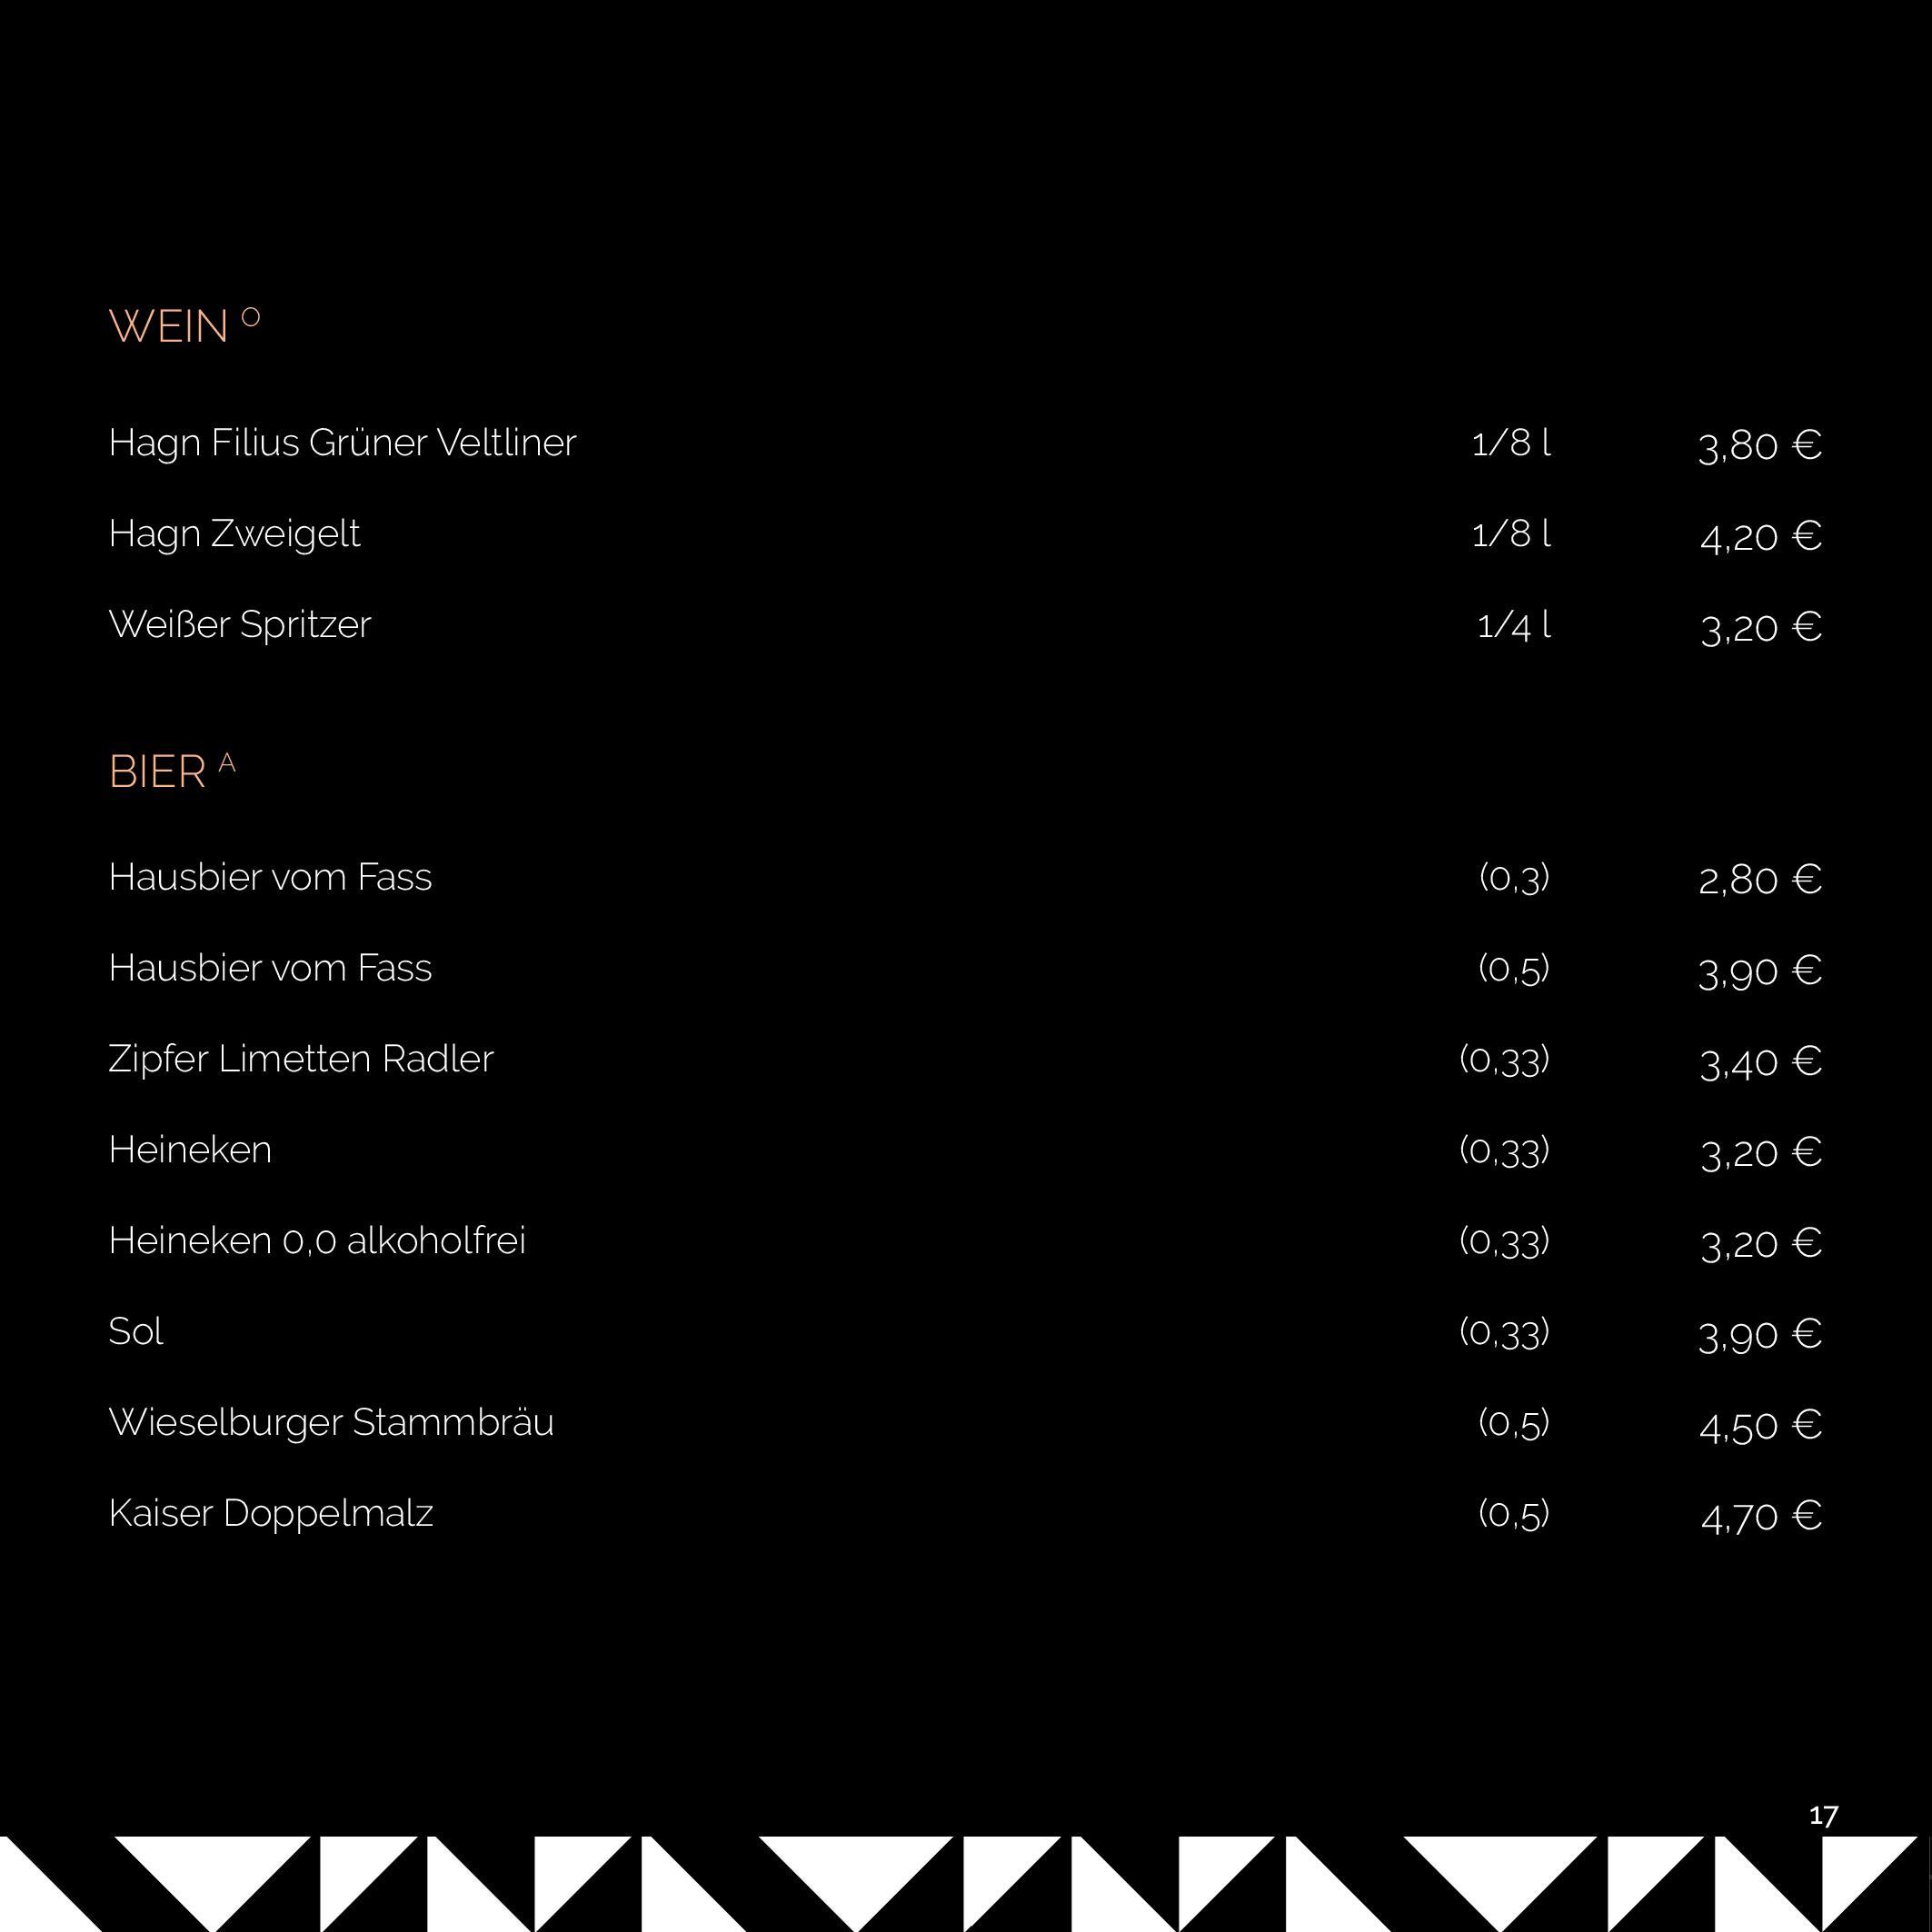 SOHO MENU 2020 BLACK KARE page 017